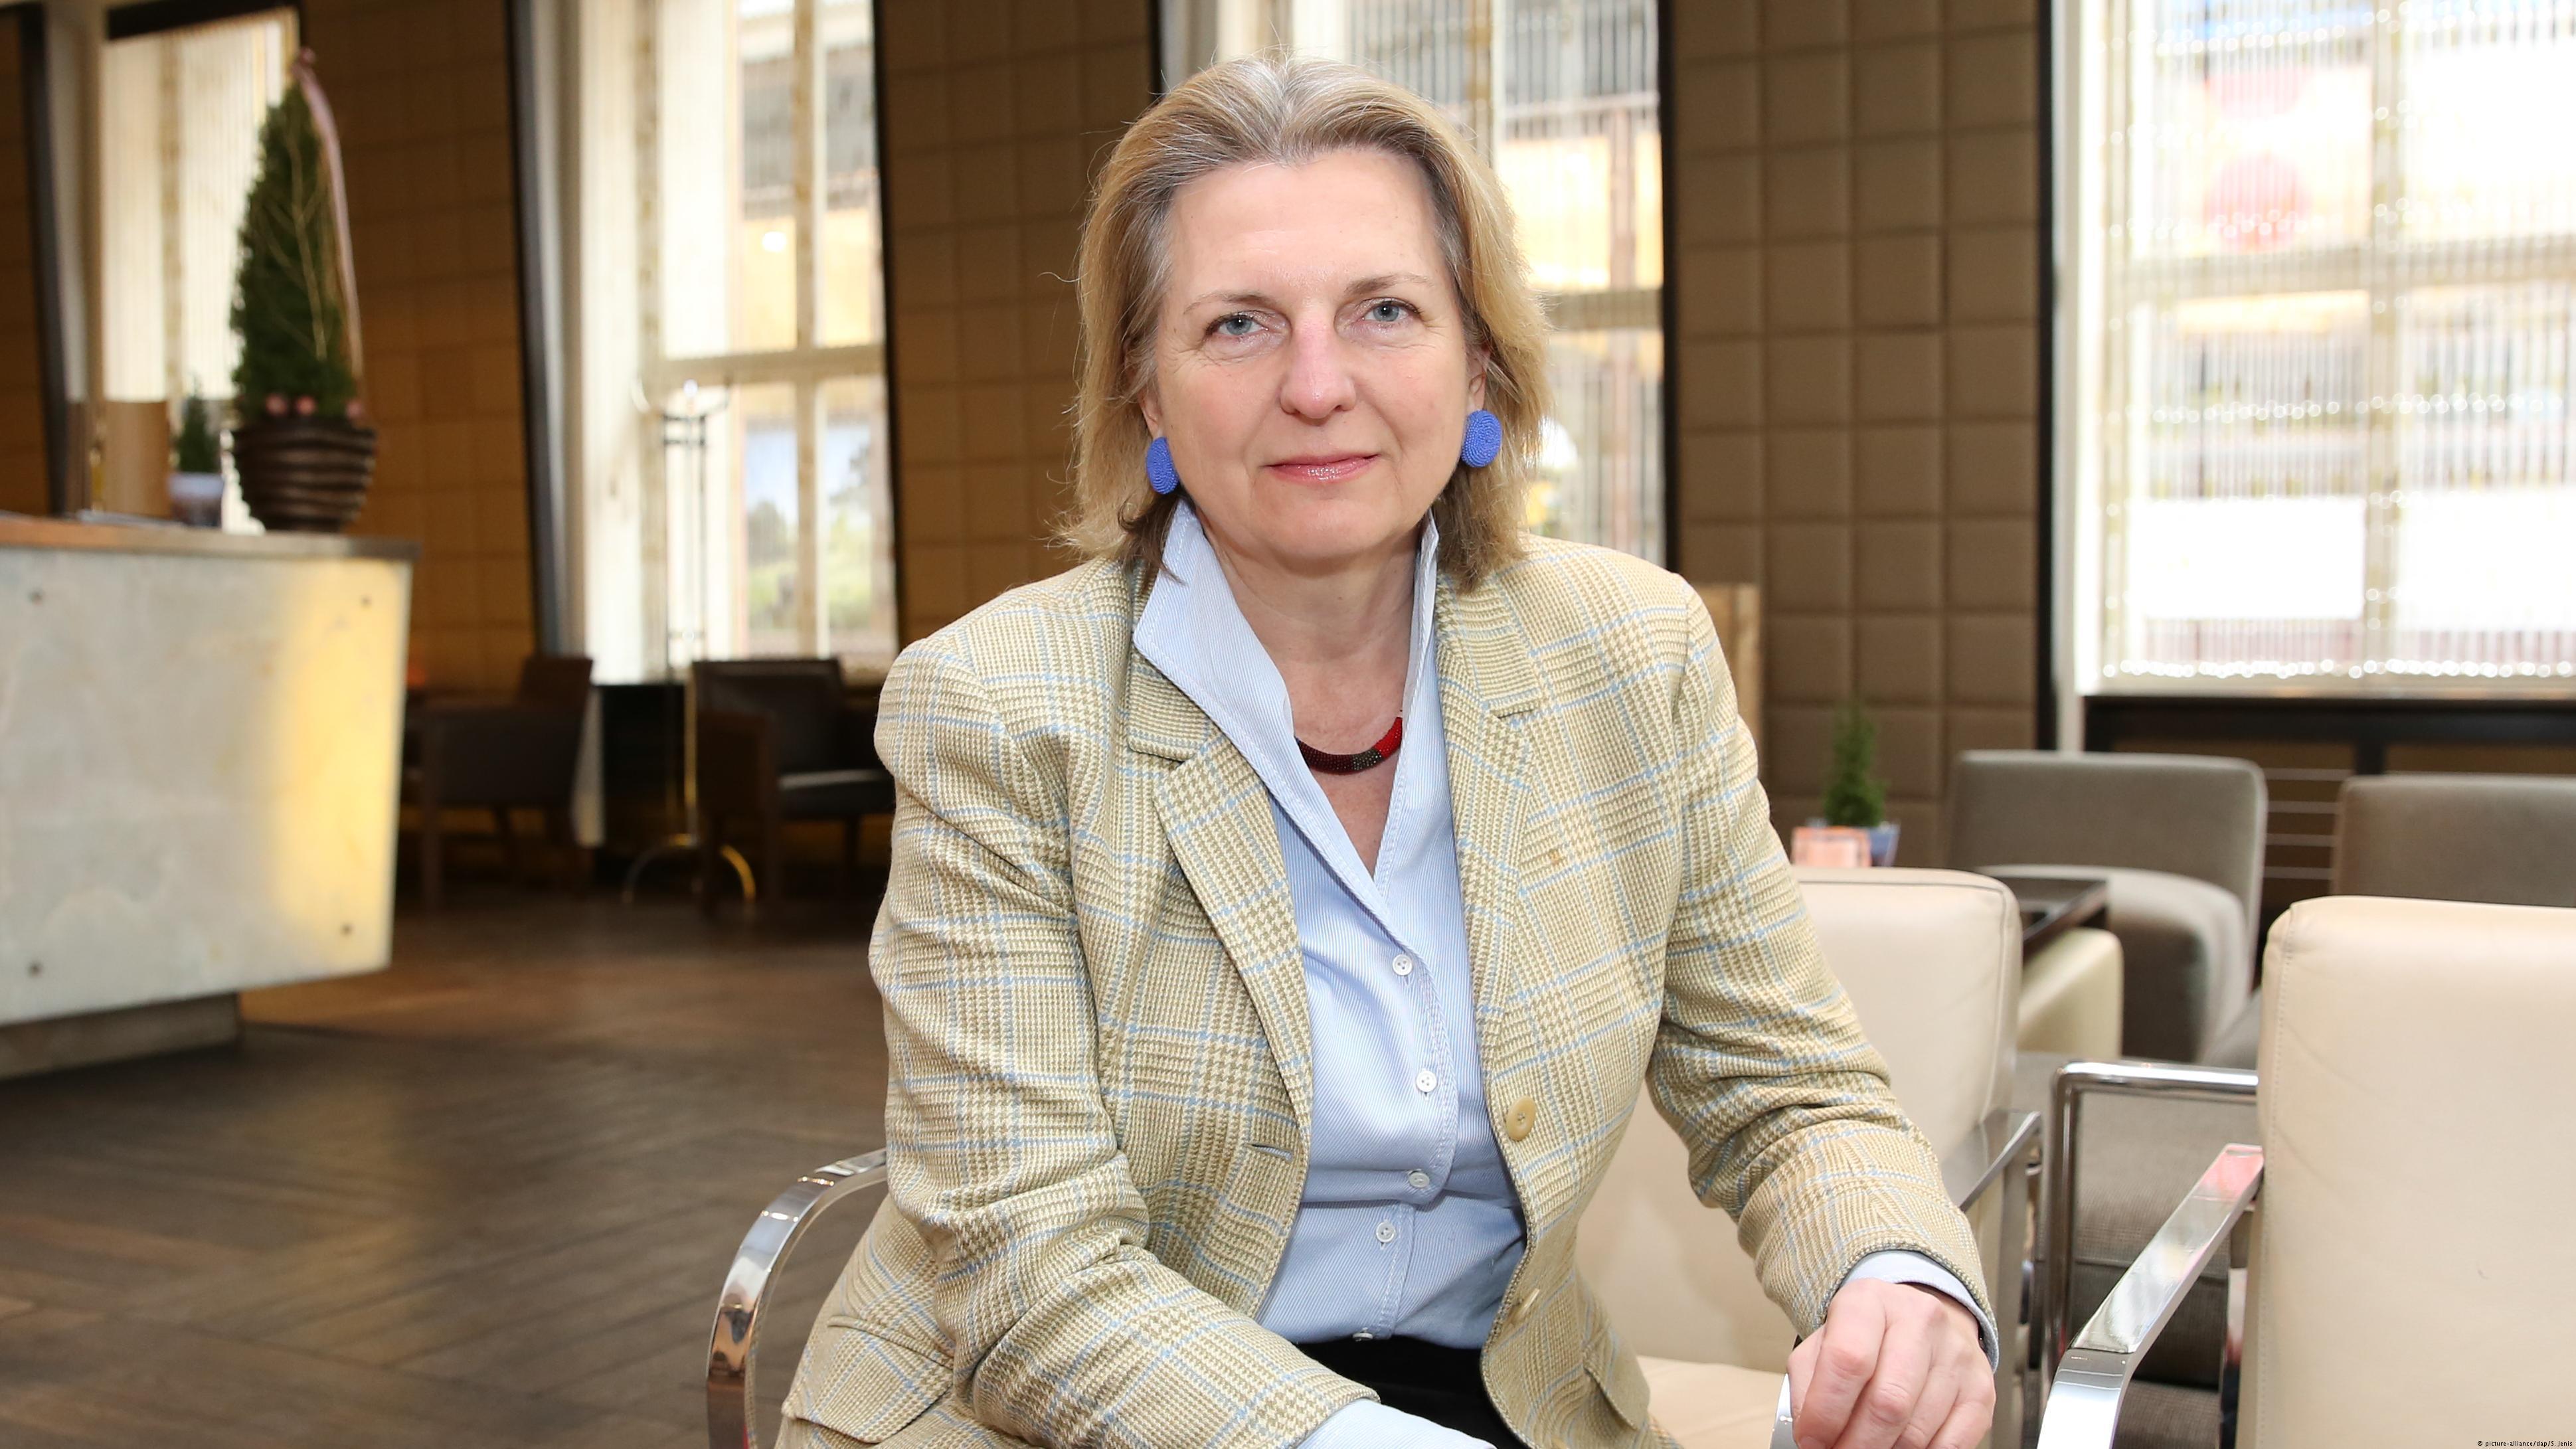 Экс-глава МИД Австрии рассказала о деградации мировой дипломатии